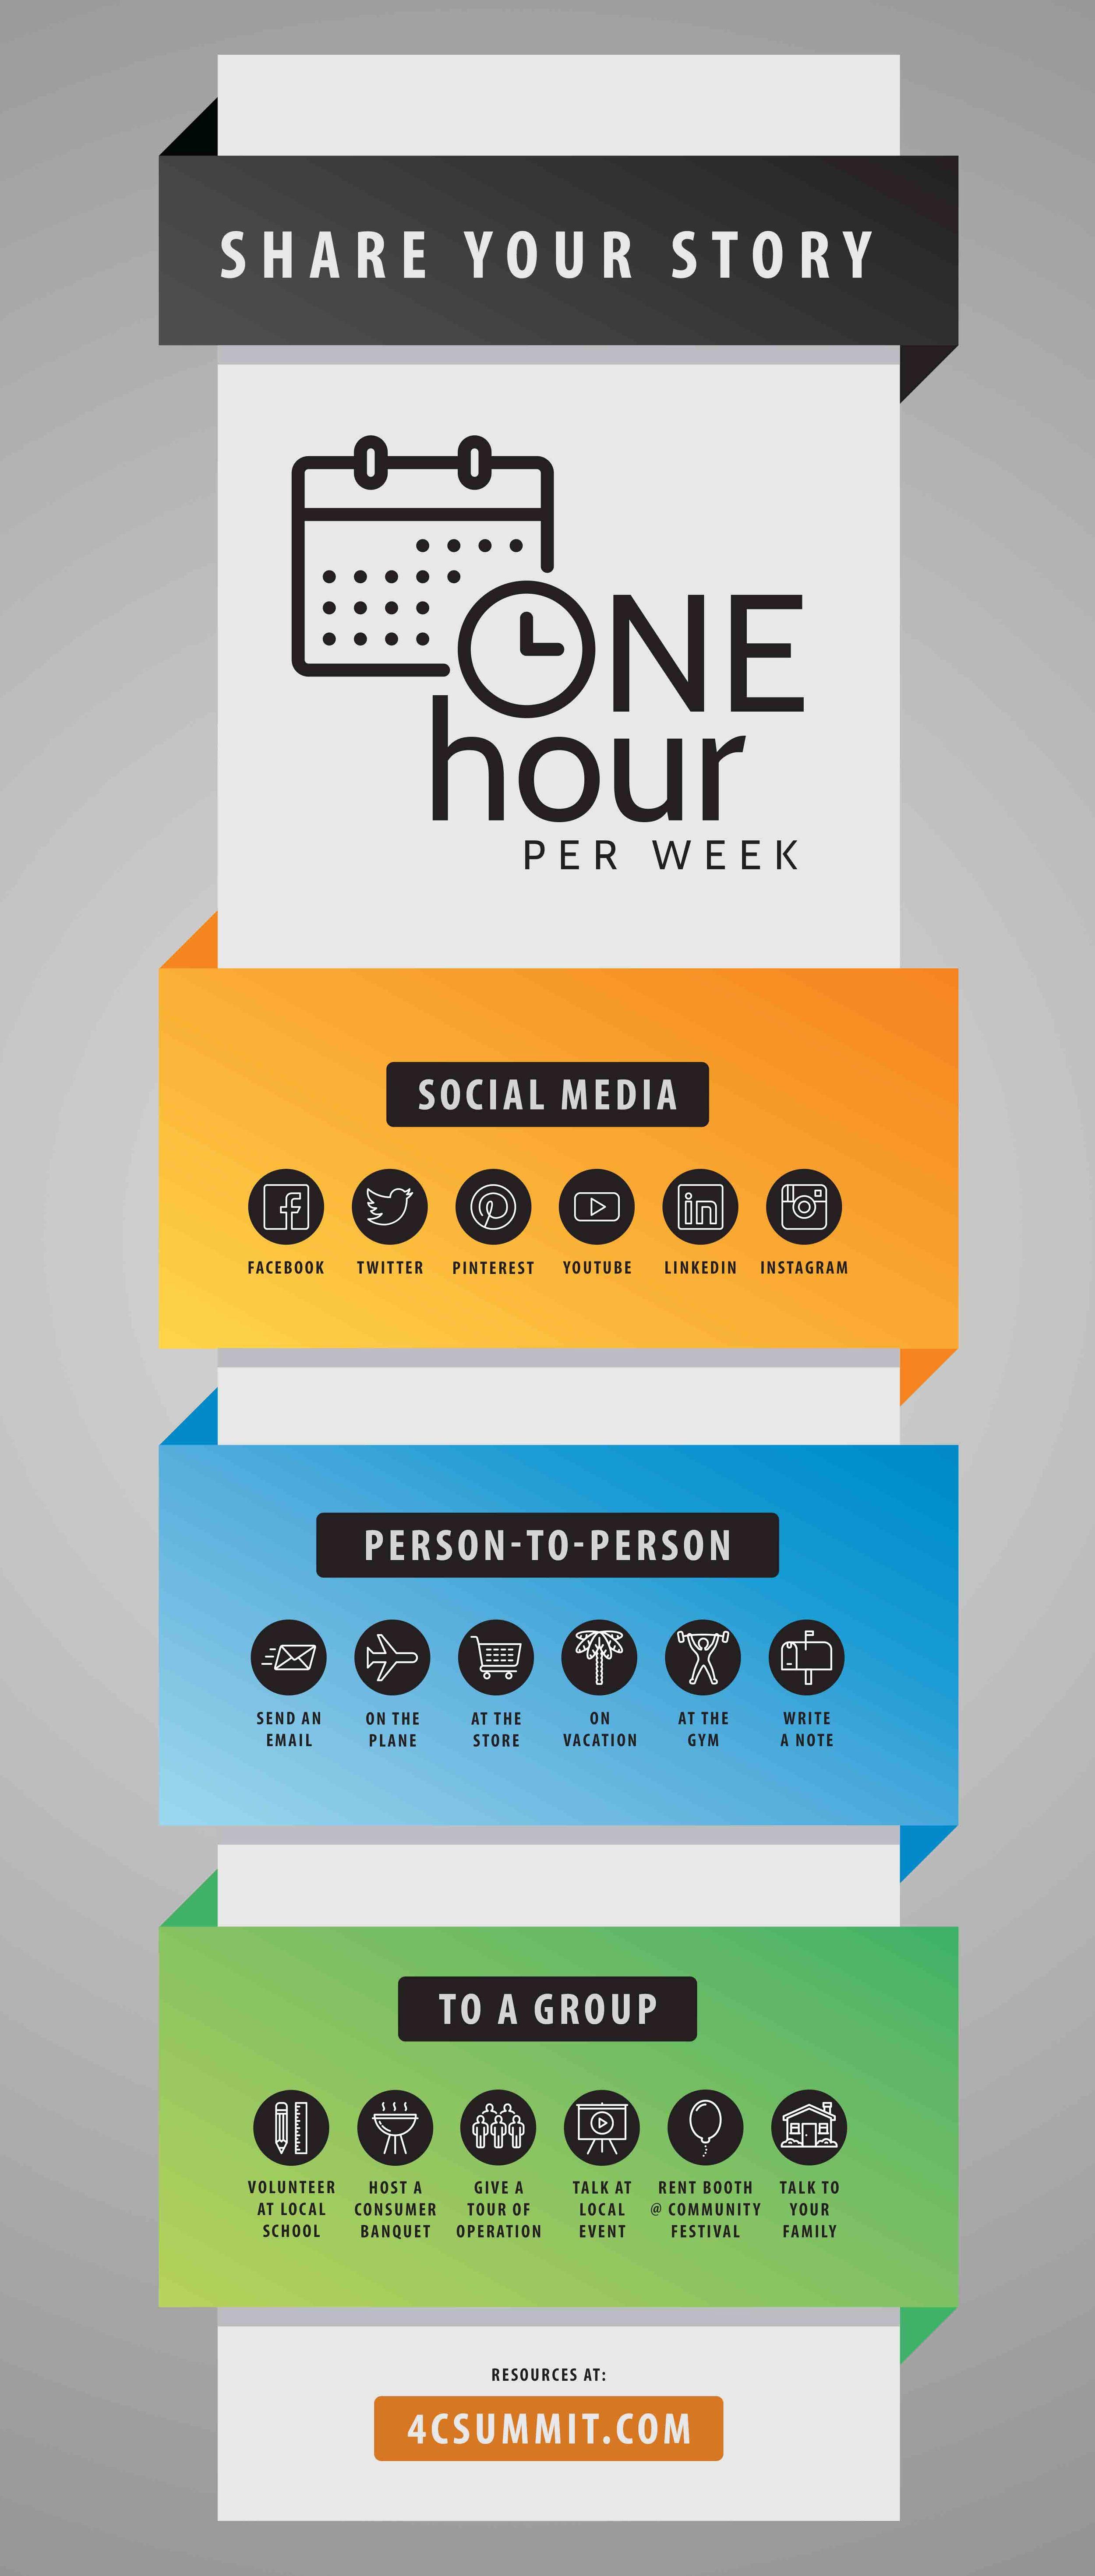 One Hour Per Week by Erin Ehnle